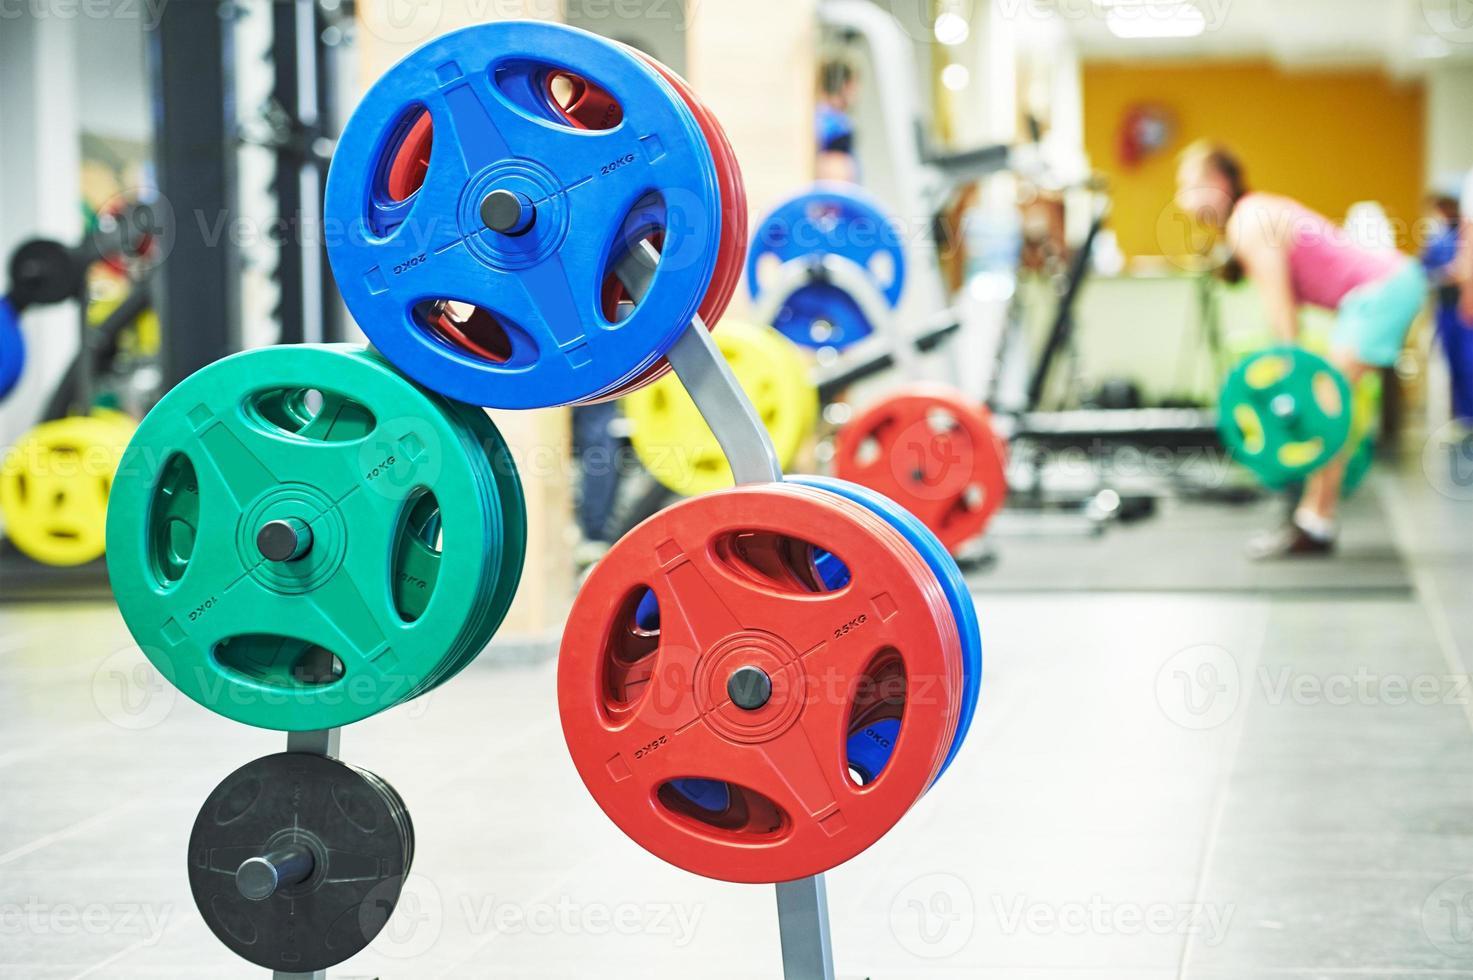 équipement de musculation pour l'entraînement photo